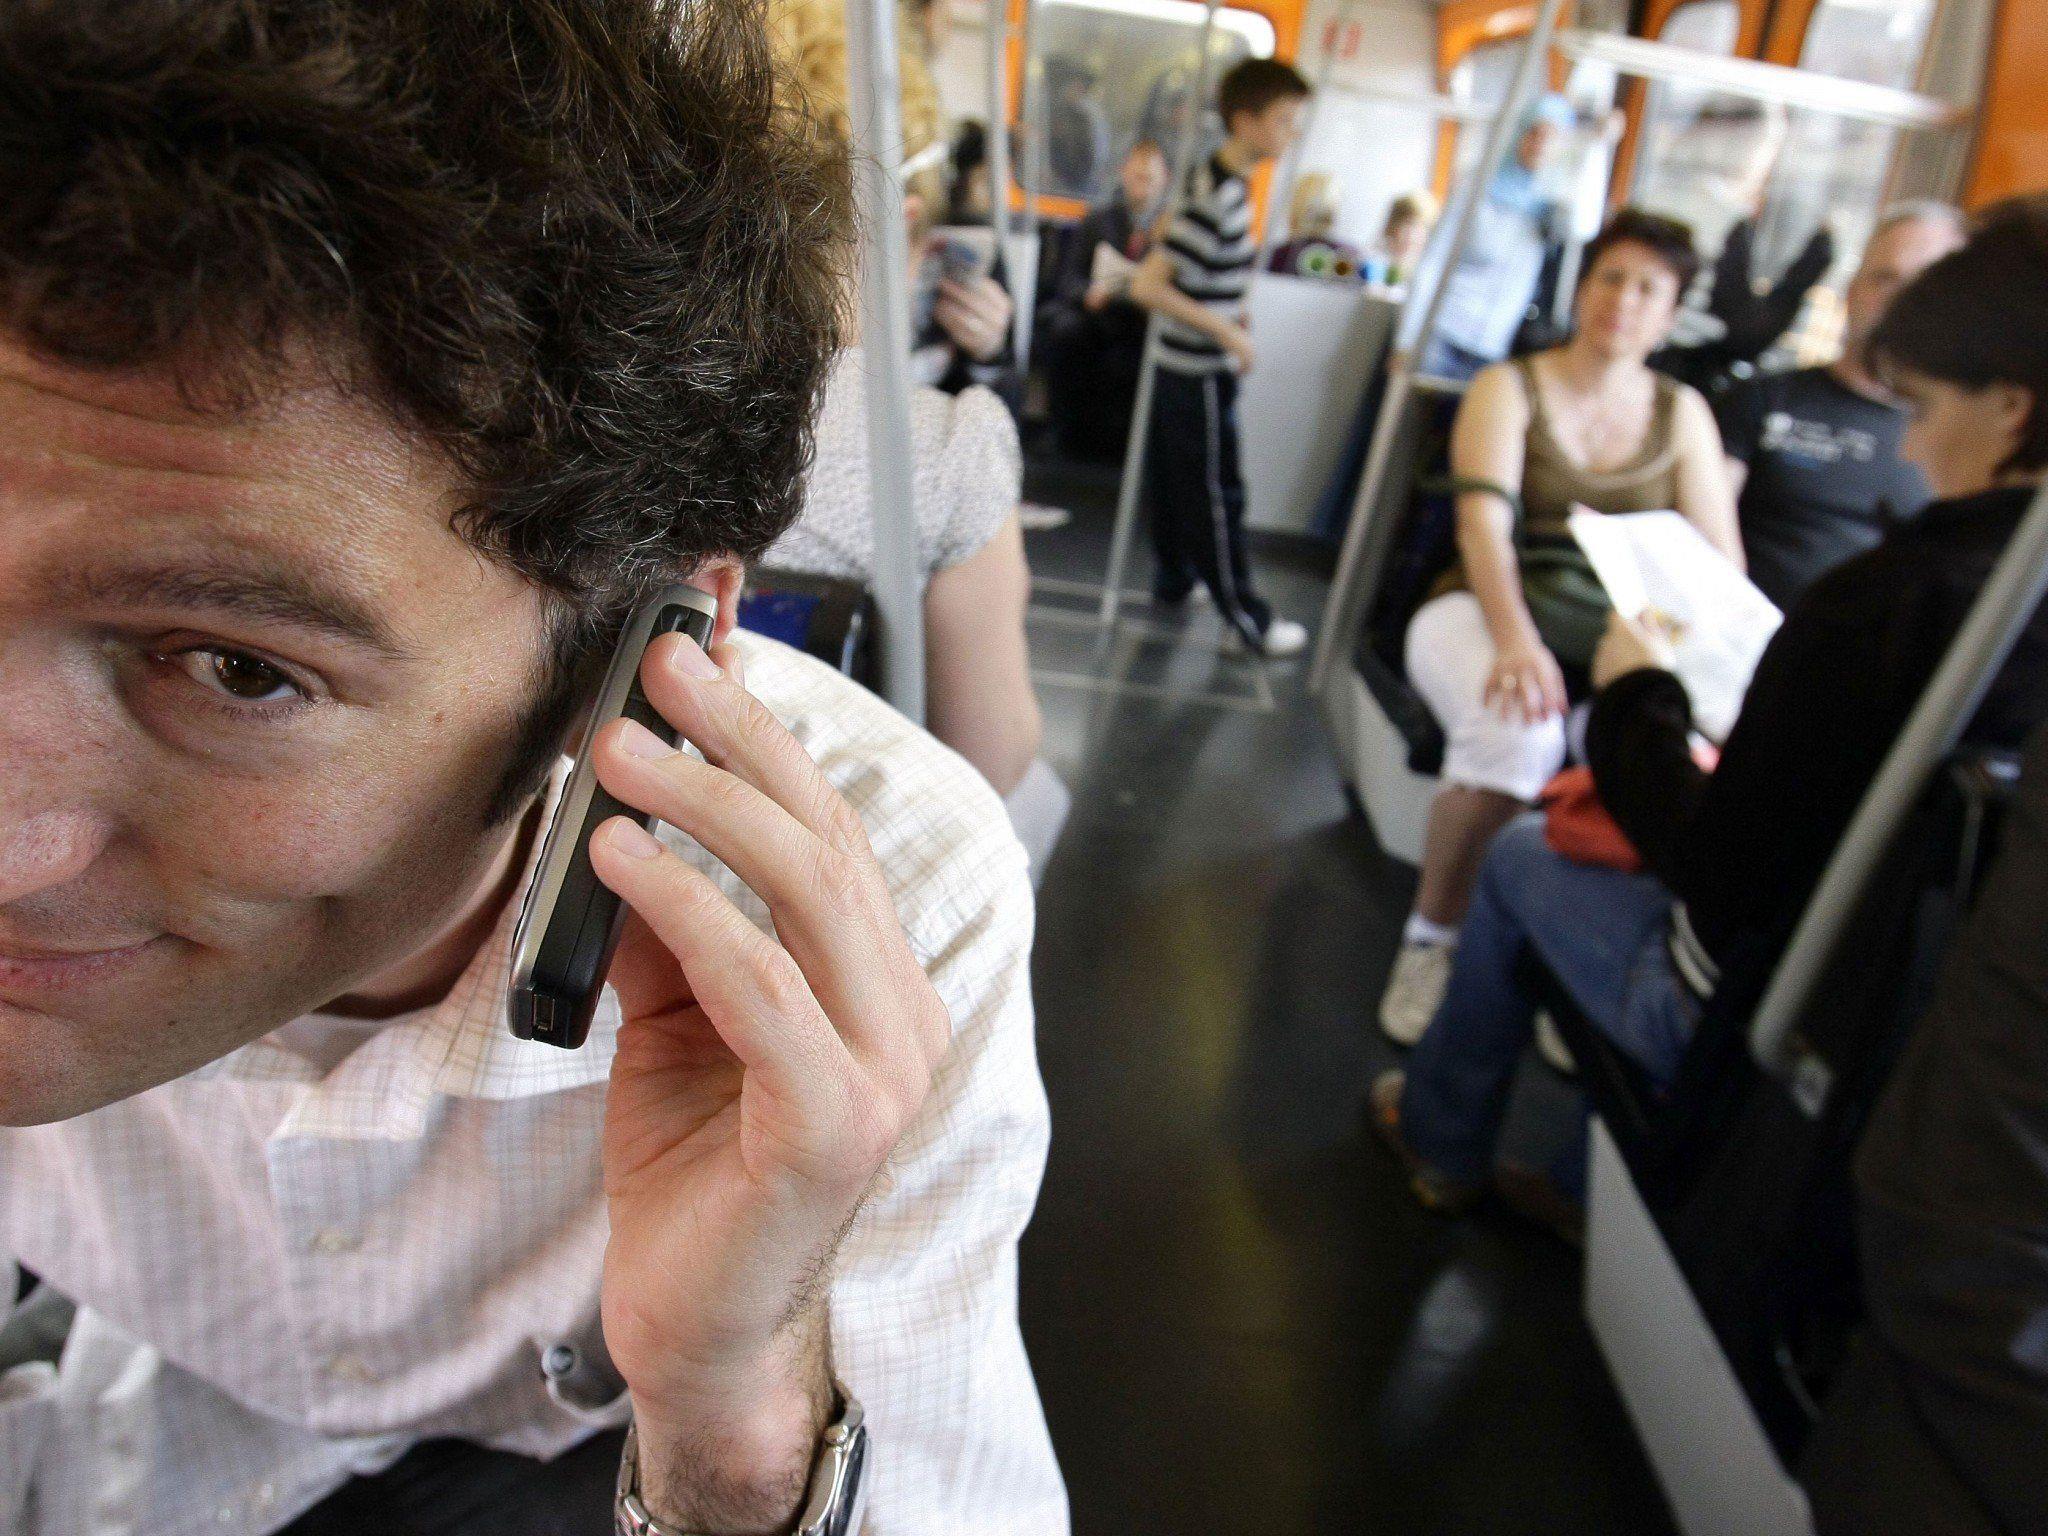 In Bus und Bahn gehen 59,1 Prozent der Befragten ans Handy.